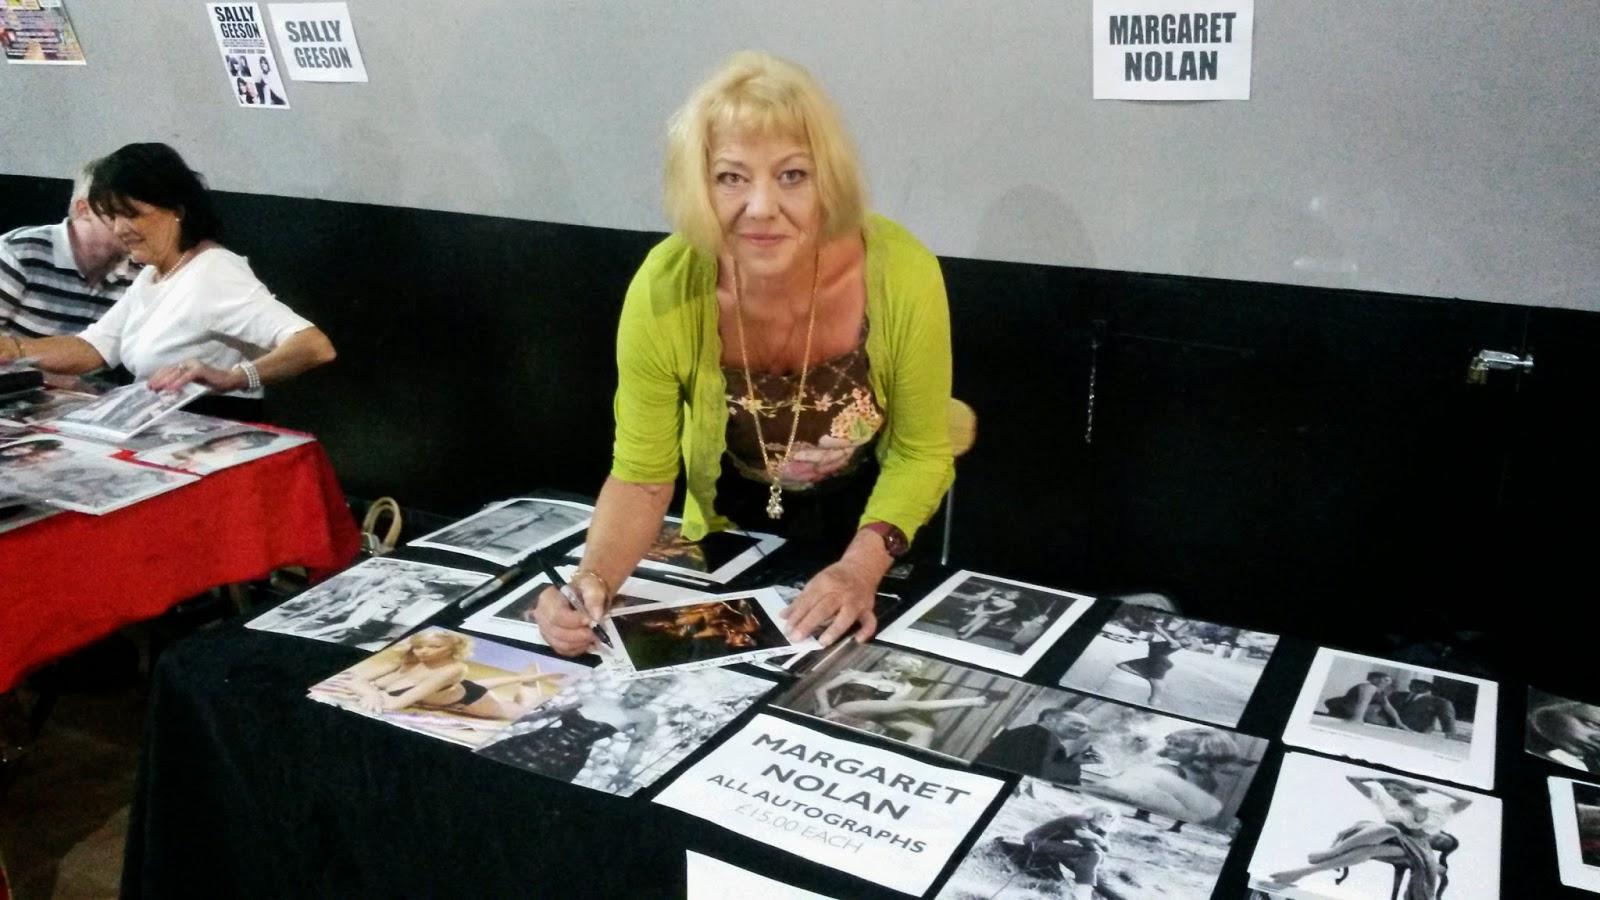 Nicki Paull Porno pics Swoosie Kurtz,11. Shakira